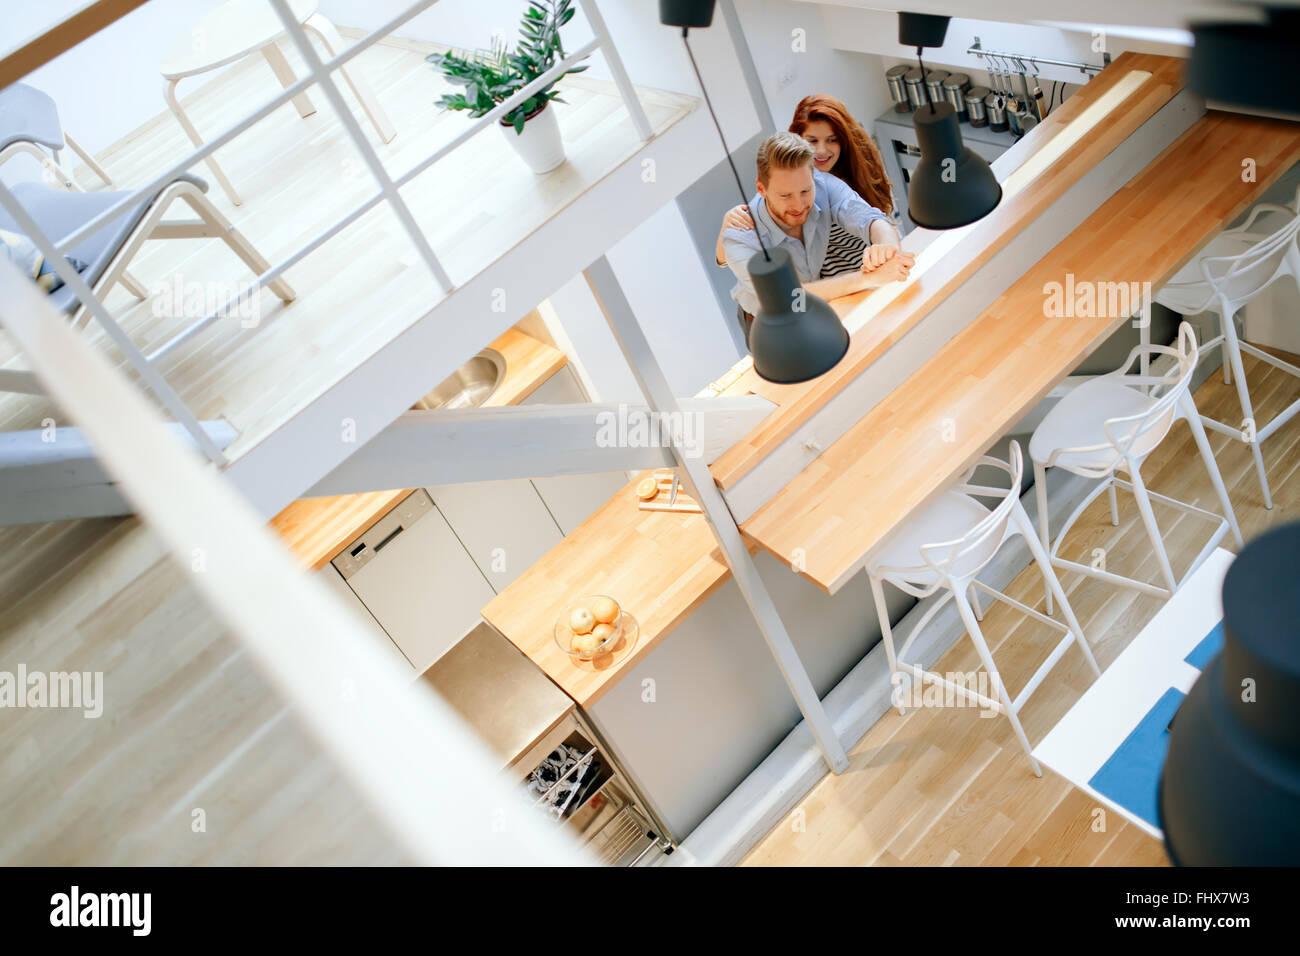 Hermosa pareja posando en cocina bien diseñada Imagen De Stock